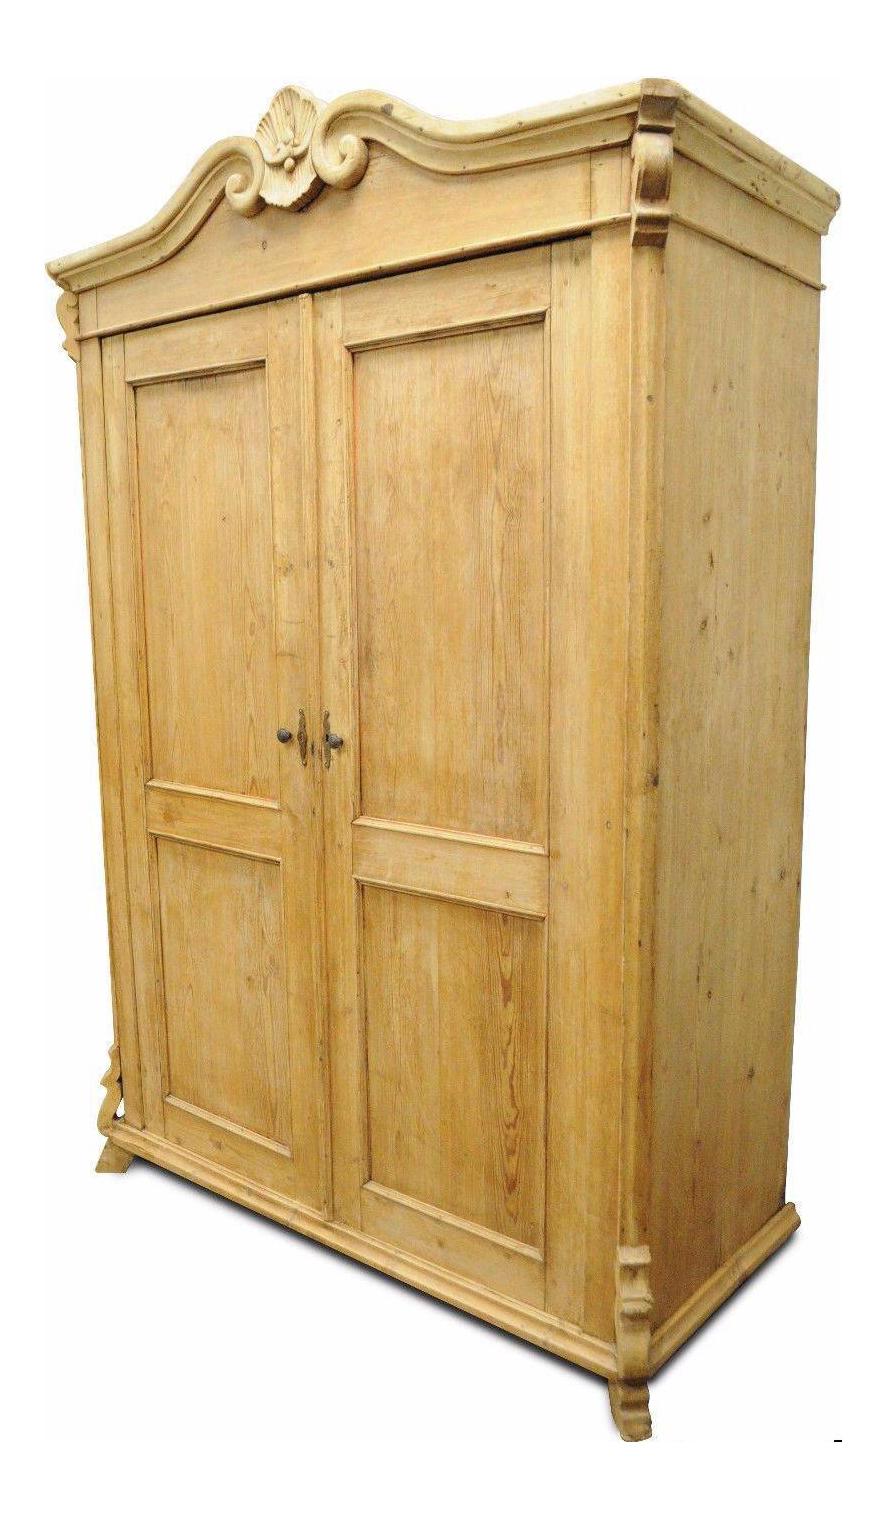 Primitive Rustic Pine Armoire Wardrobe | Chairish